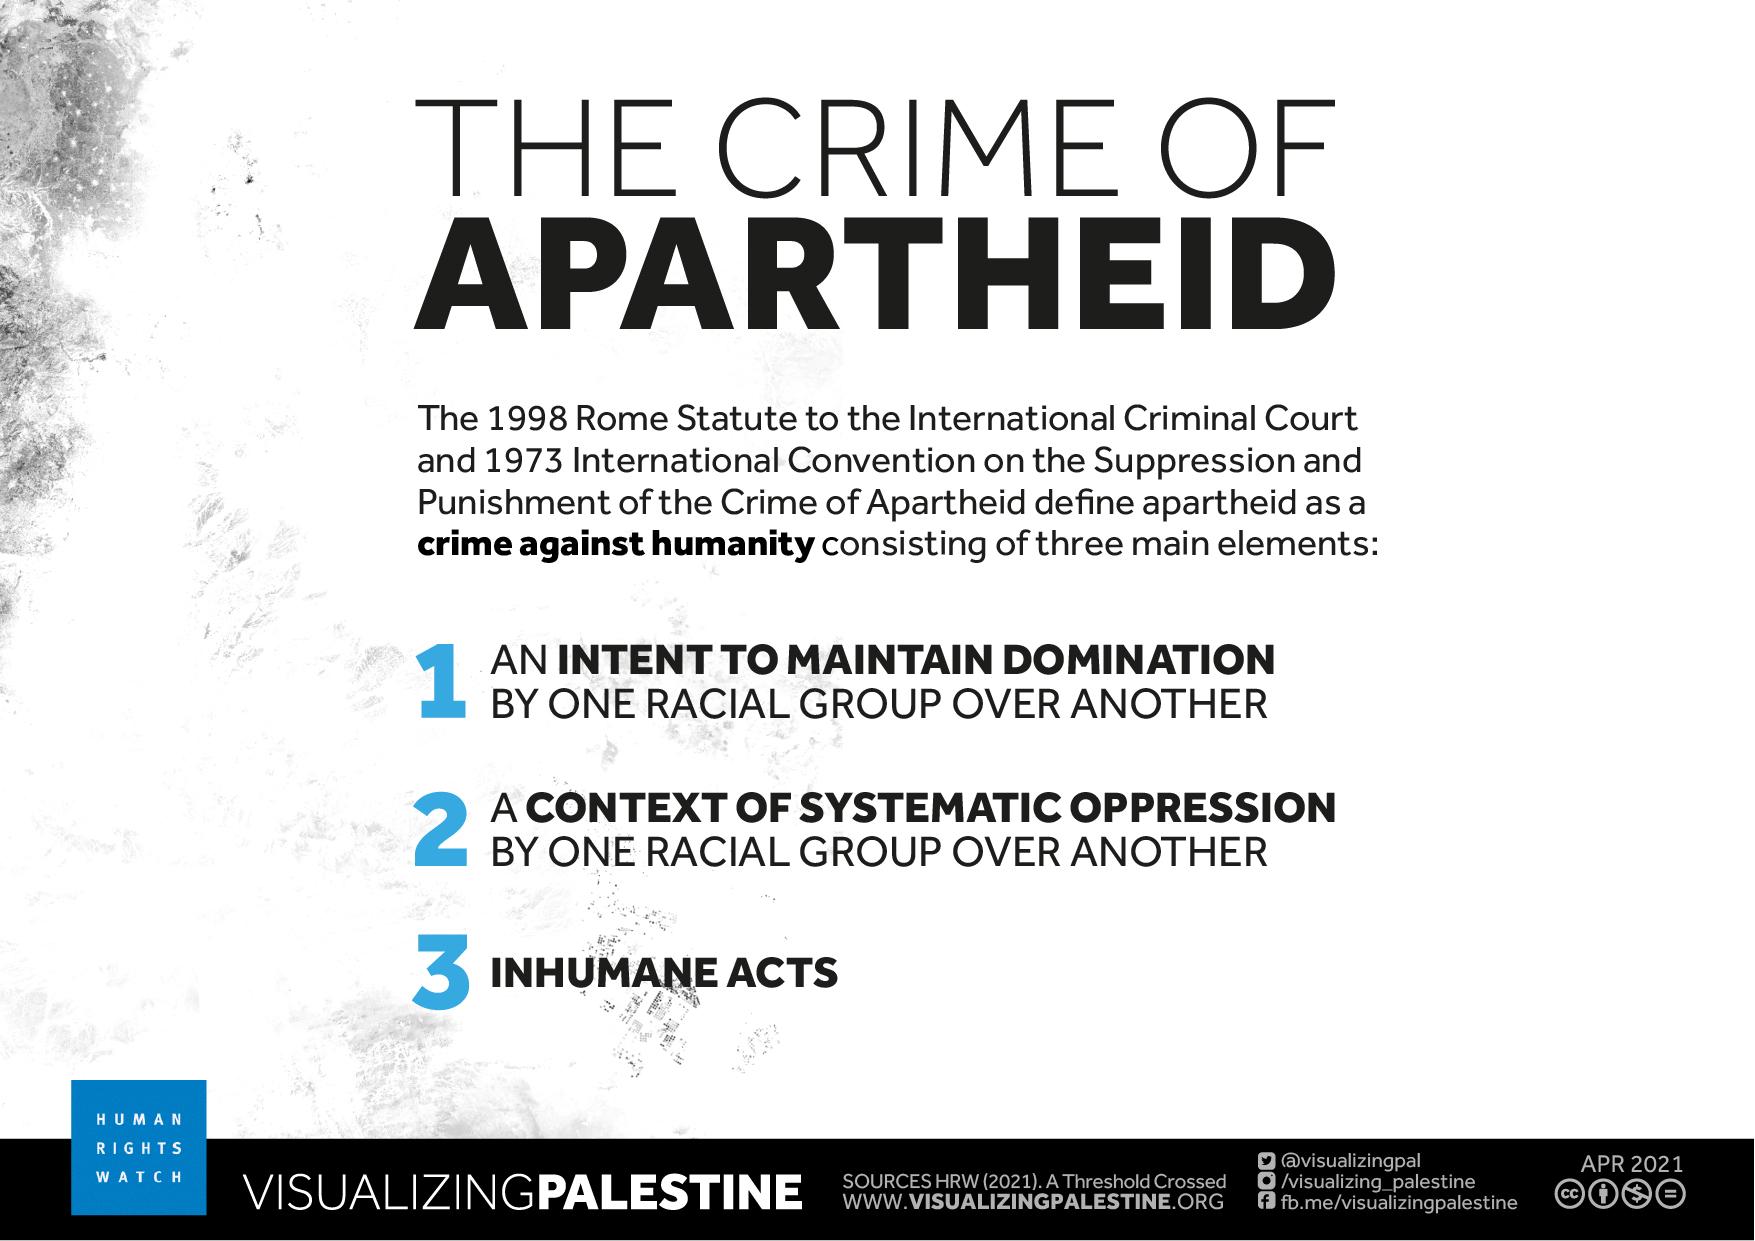 Crime of Apartheid